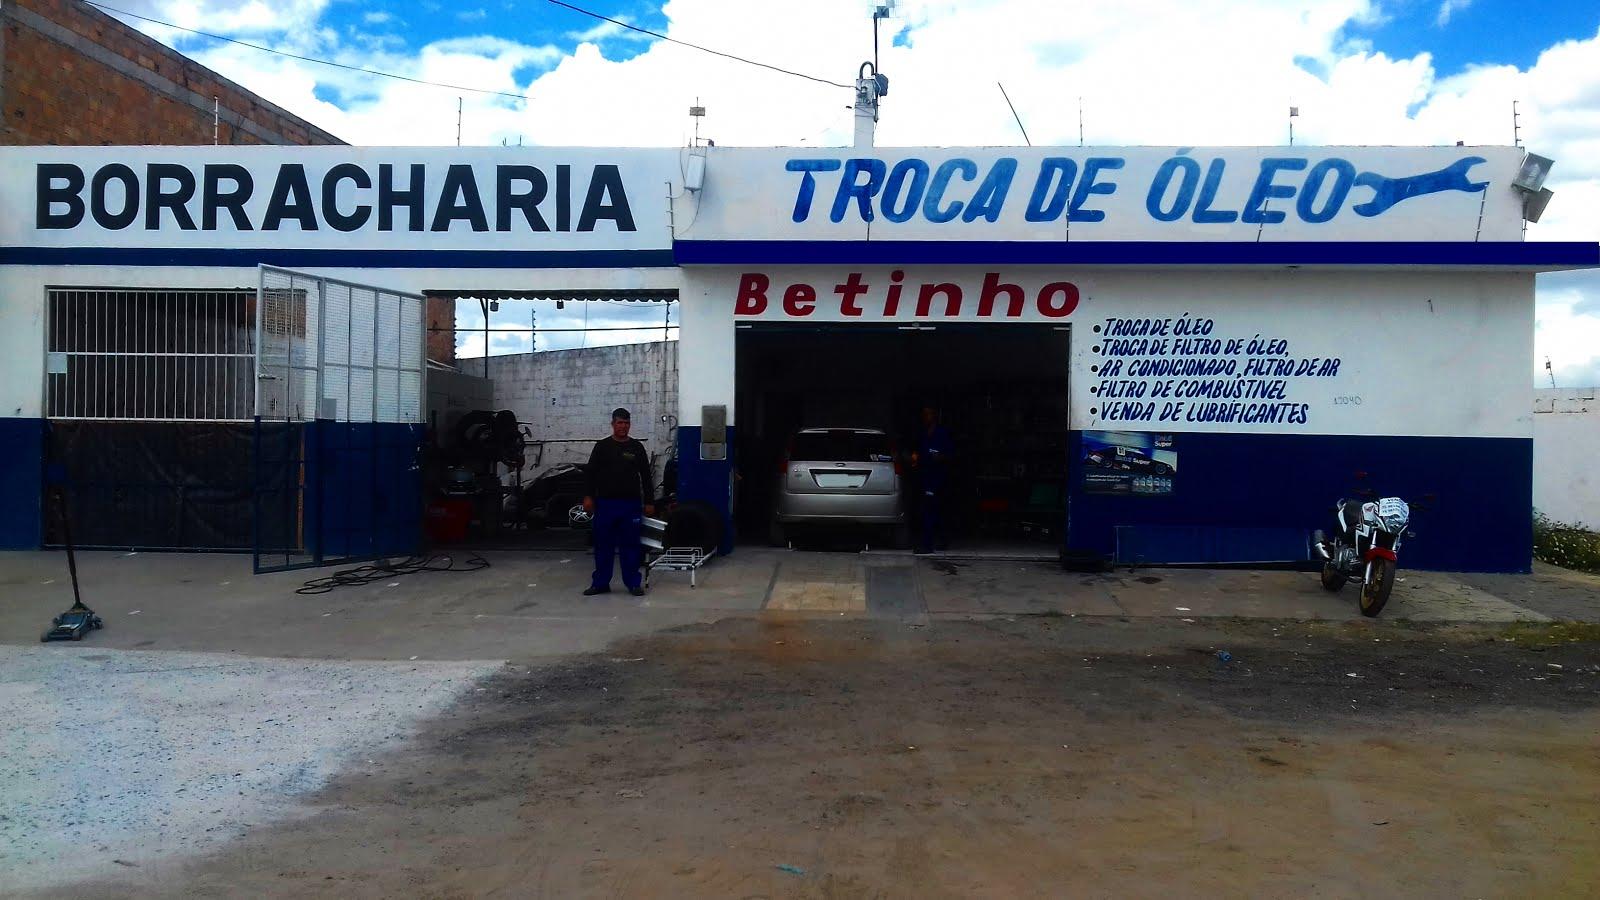 BETINHO TROCA DE ÓLEO E BORRACHARIA